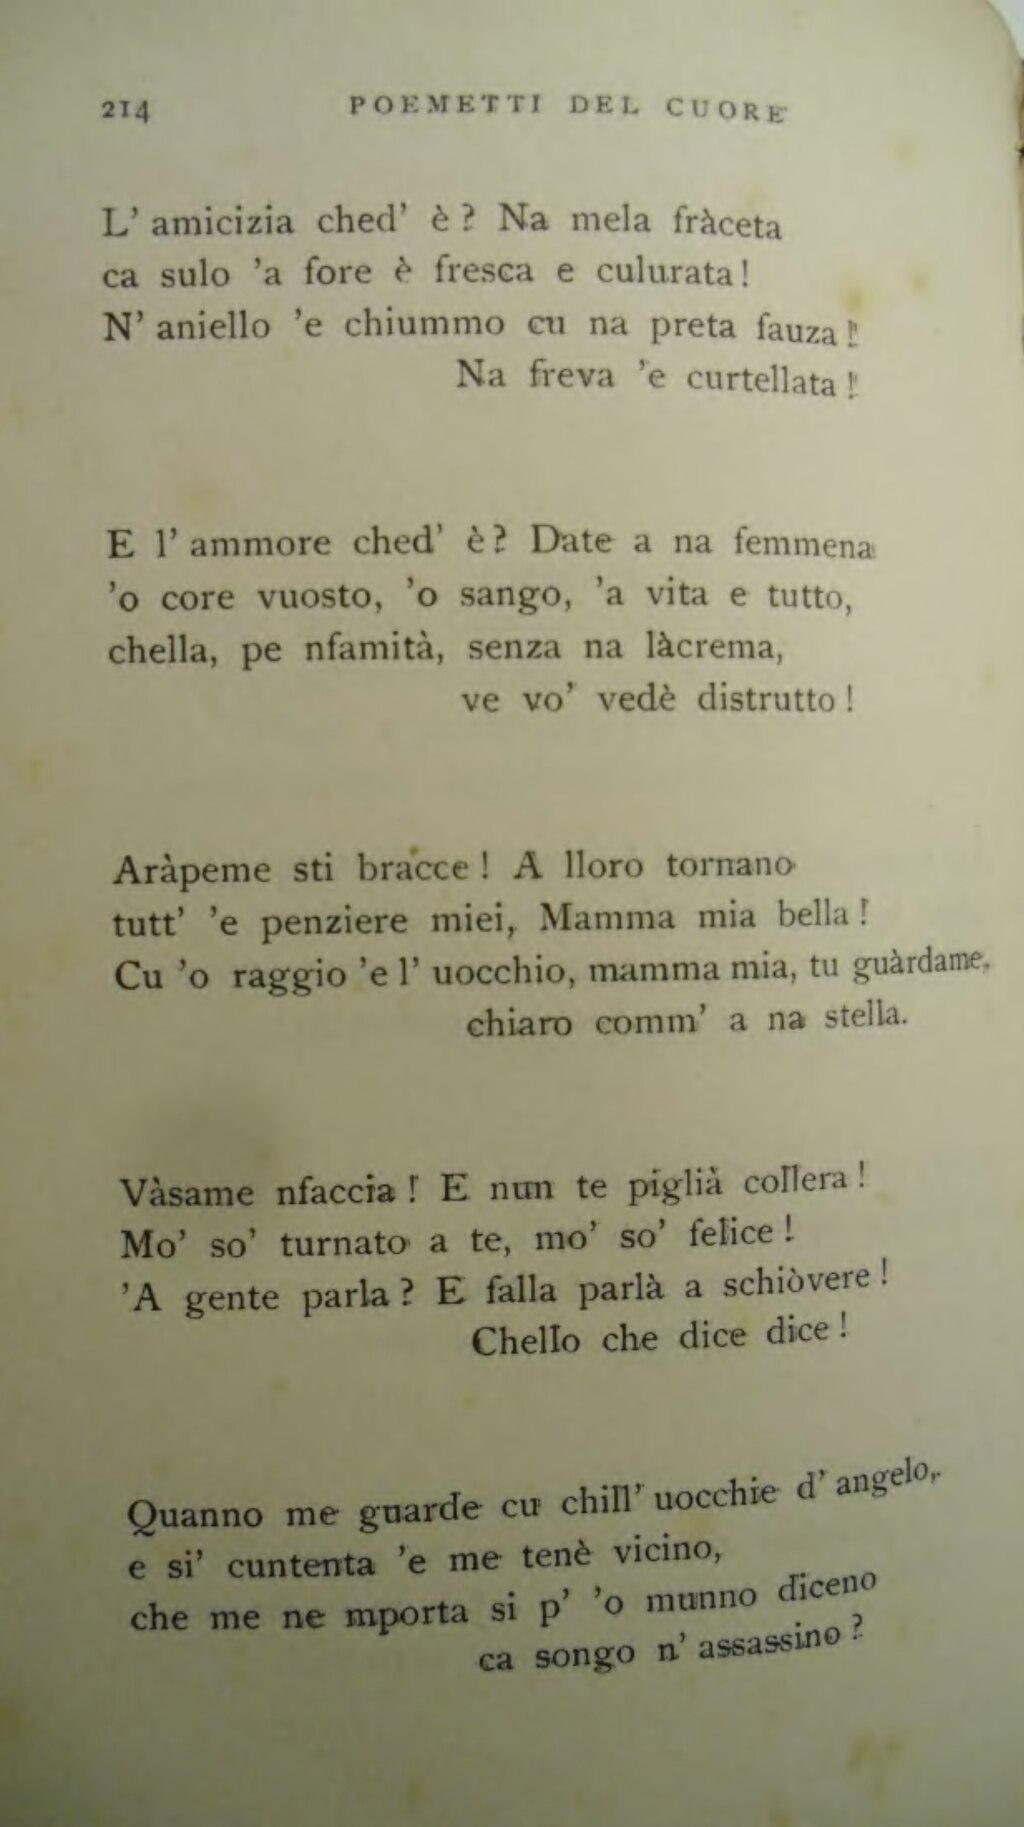 Pagepoesie Napoletane Ferdinando Russodjvu216 Wikisource